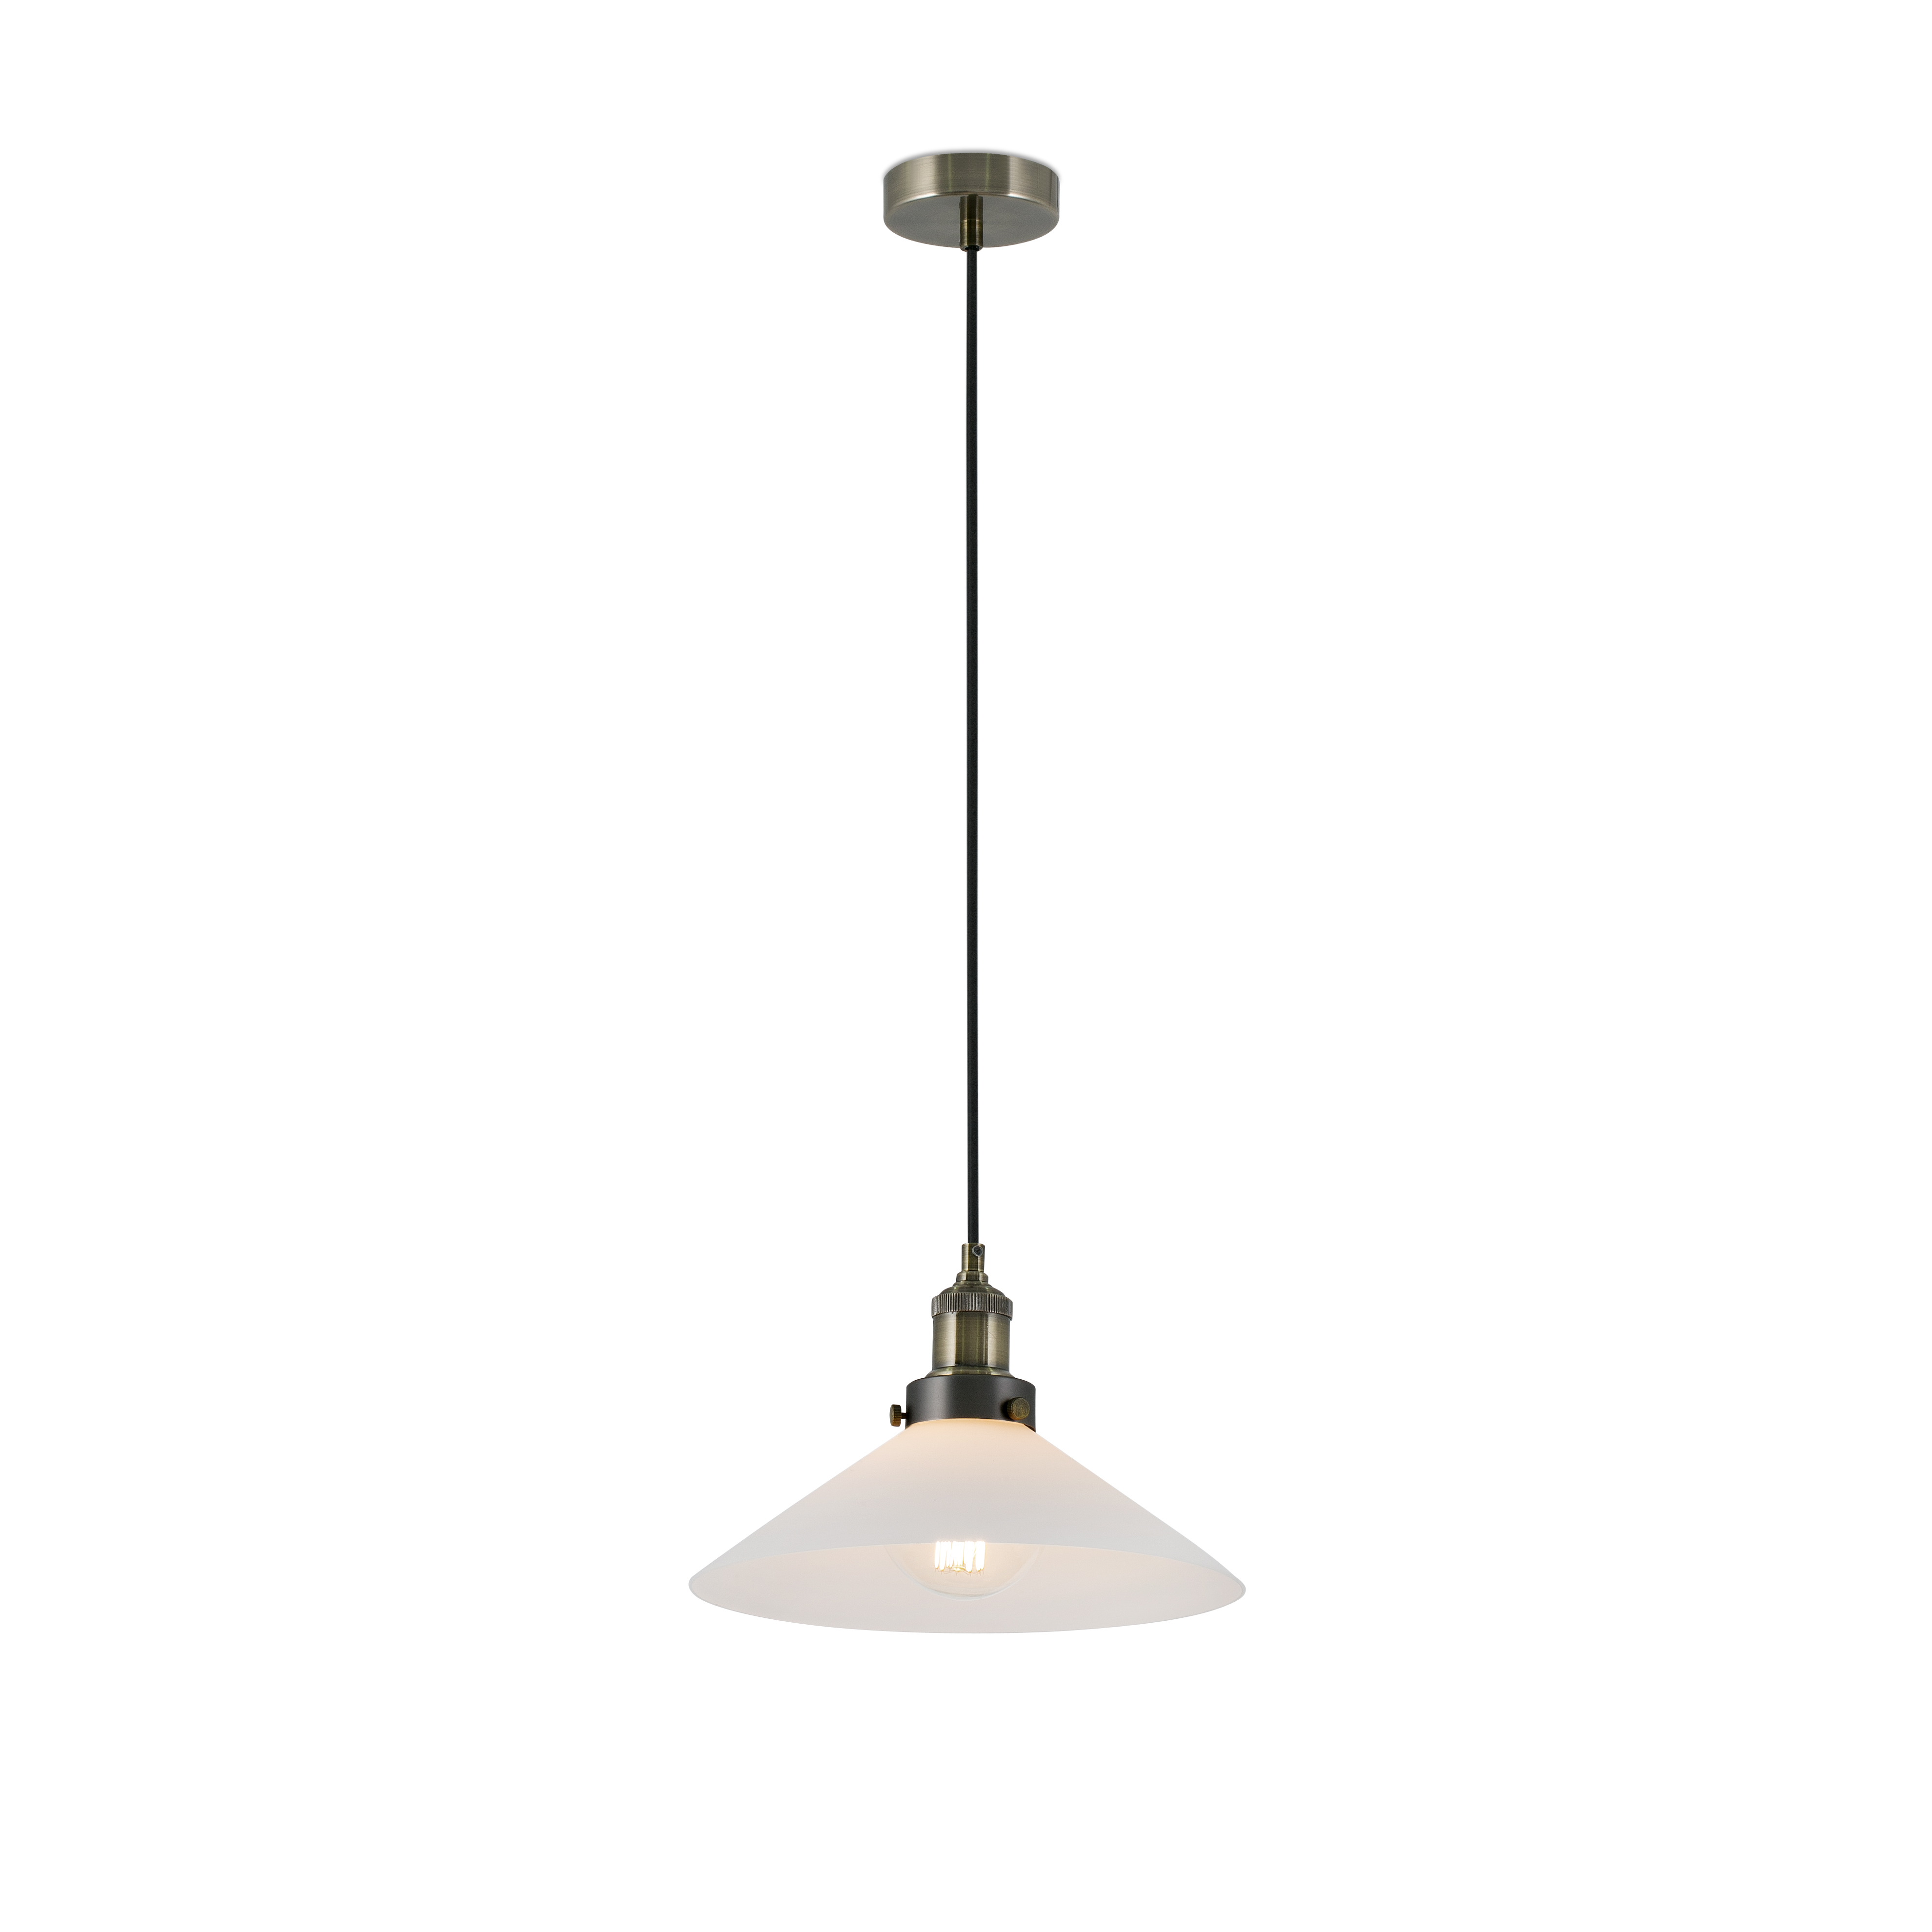 Marlin Pendant Lamp E27 60w White